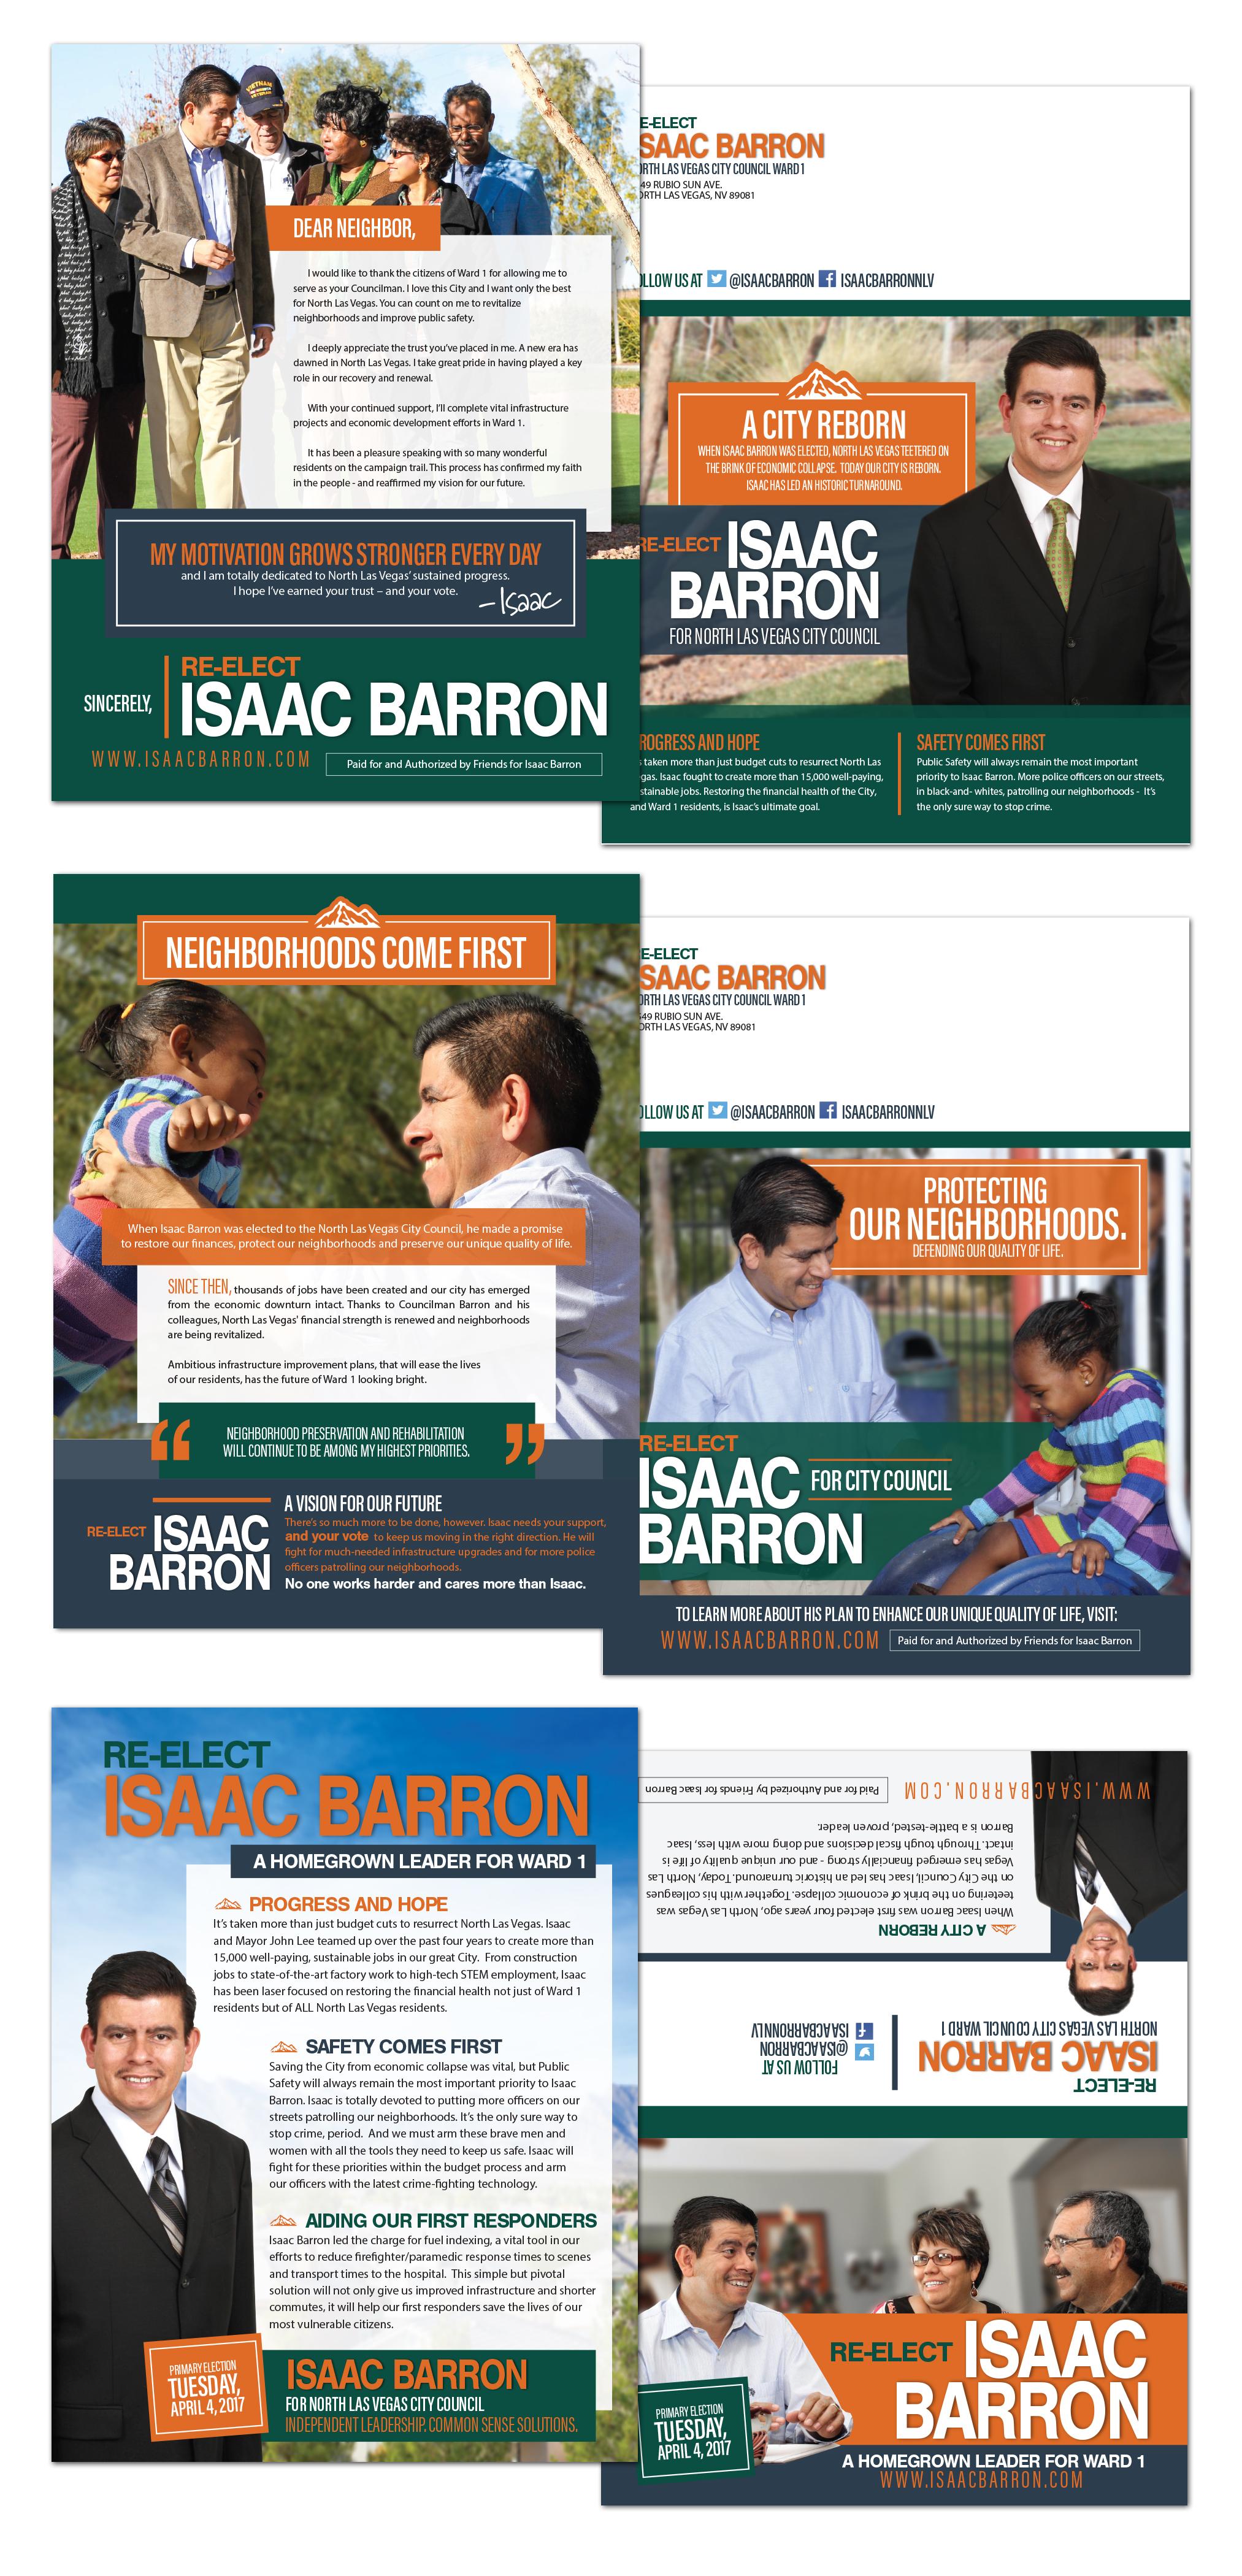 IsaacBarron